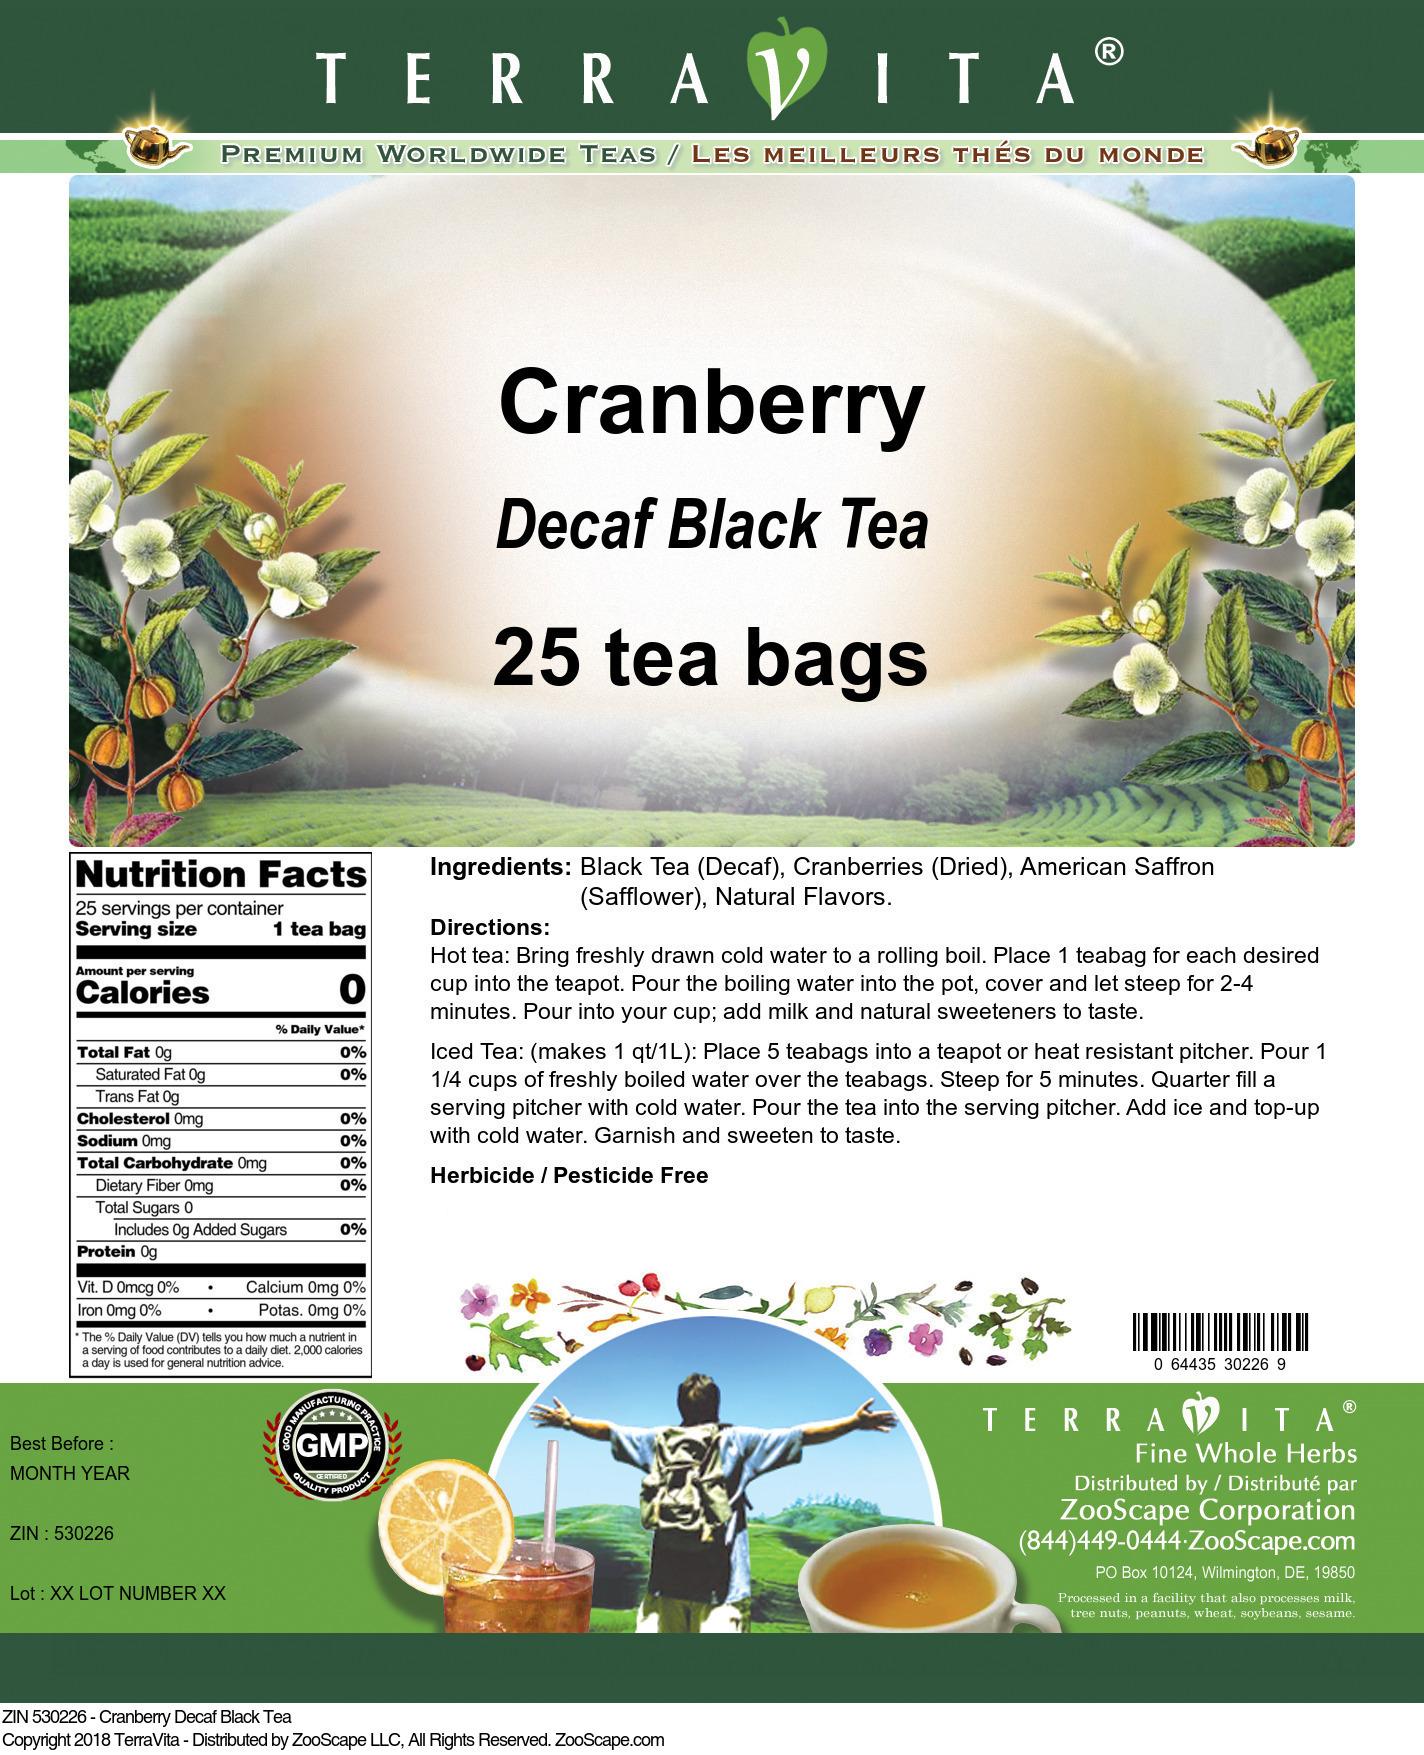 Cranberry Decaf Black Tea